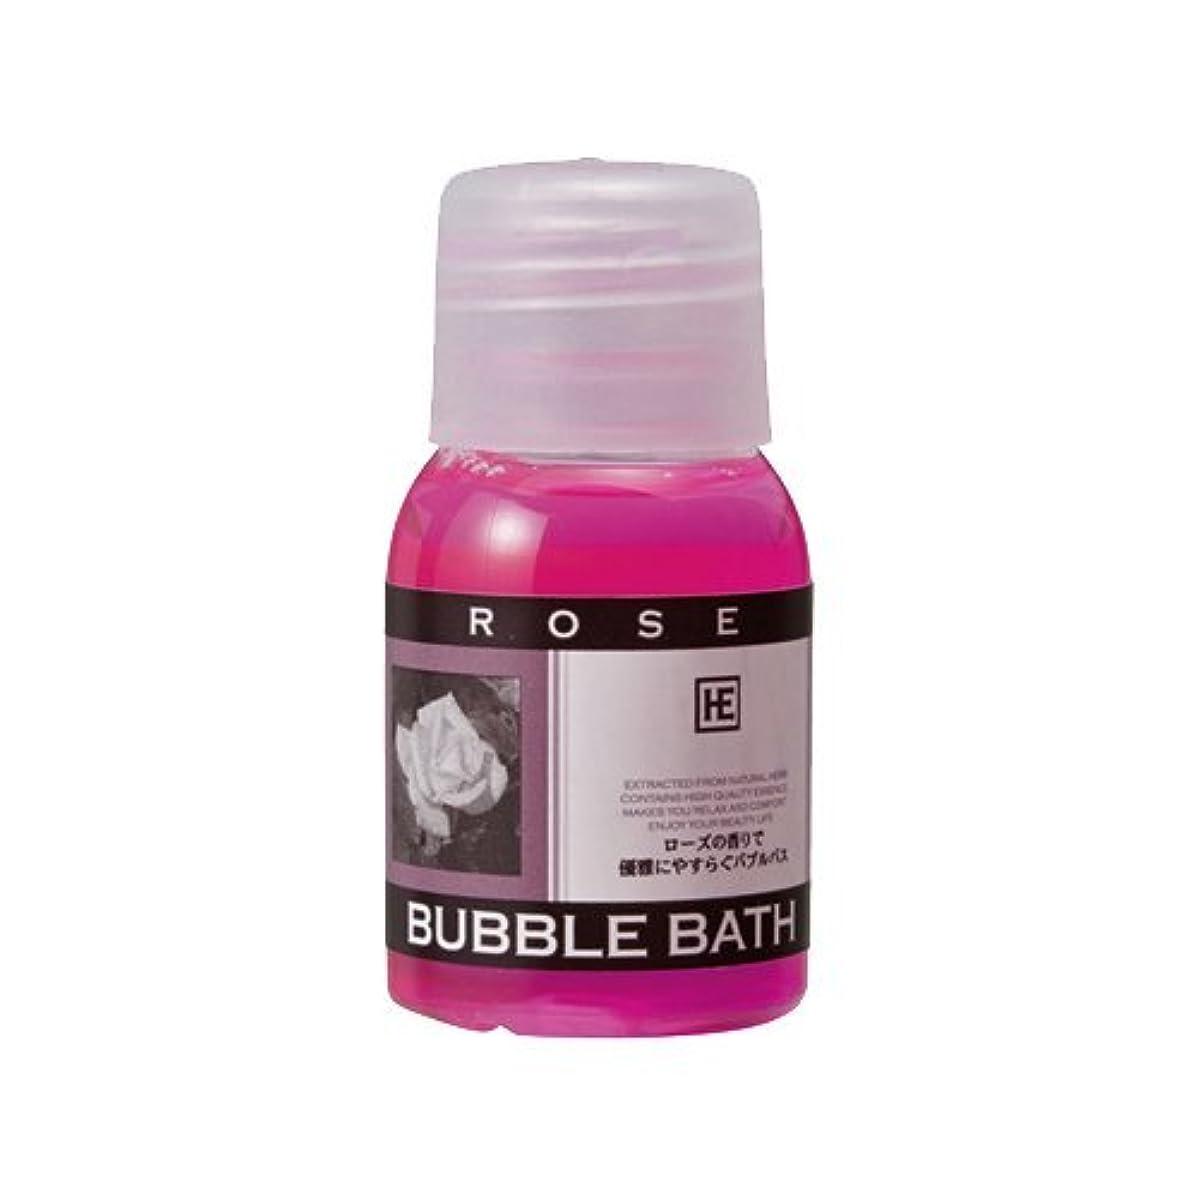 面倒放送むしろハーバルエクストラ バブルバス ミニボトル ローズの香り - ホテルアメニティ 業務用 発泡入浴剤 (BUBBLE BATH)